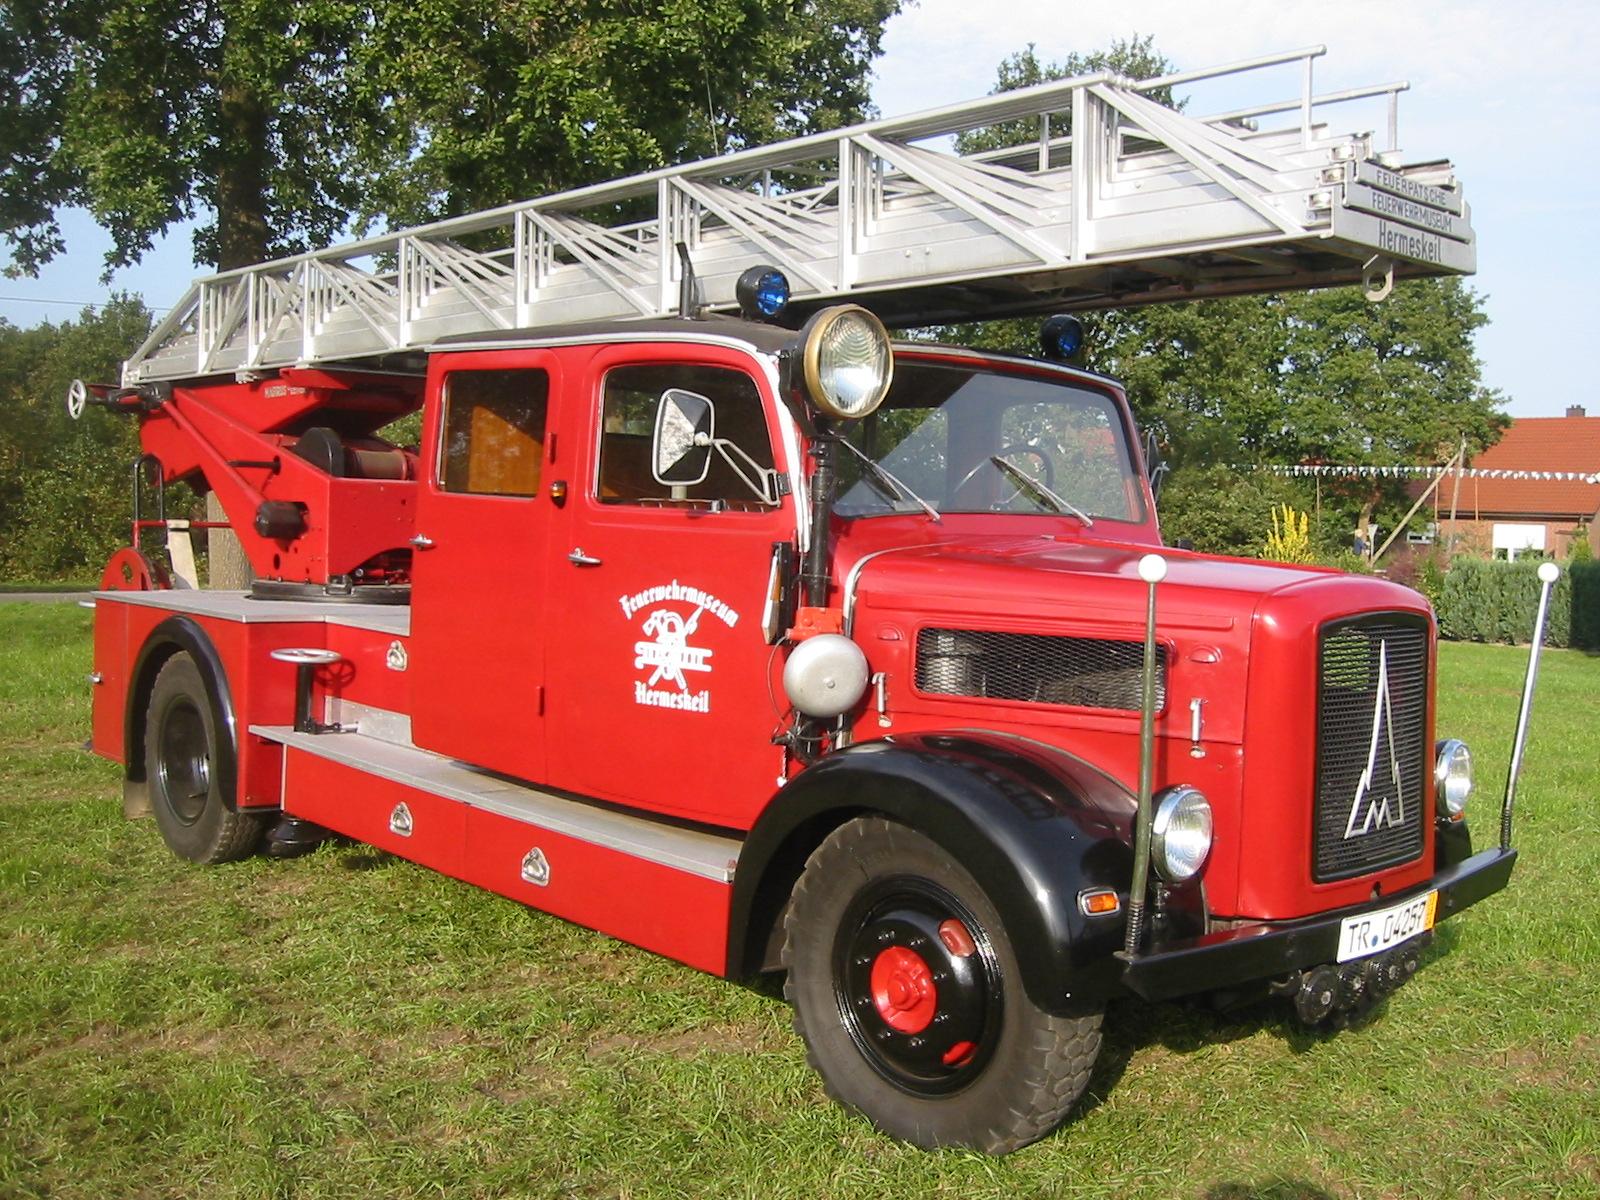 historische Drehleiter von 1952, Rheinland-Pfälzisches Feuerwehrmuseum Hermeskeil